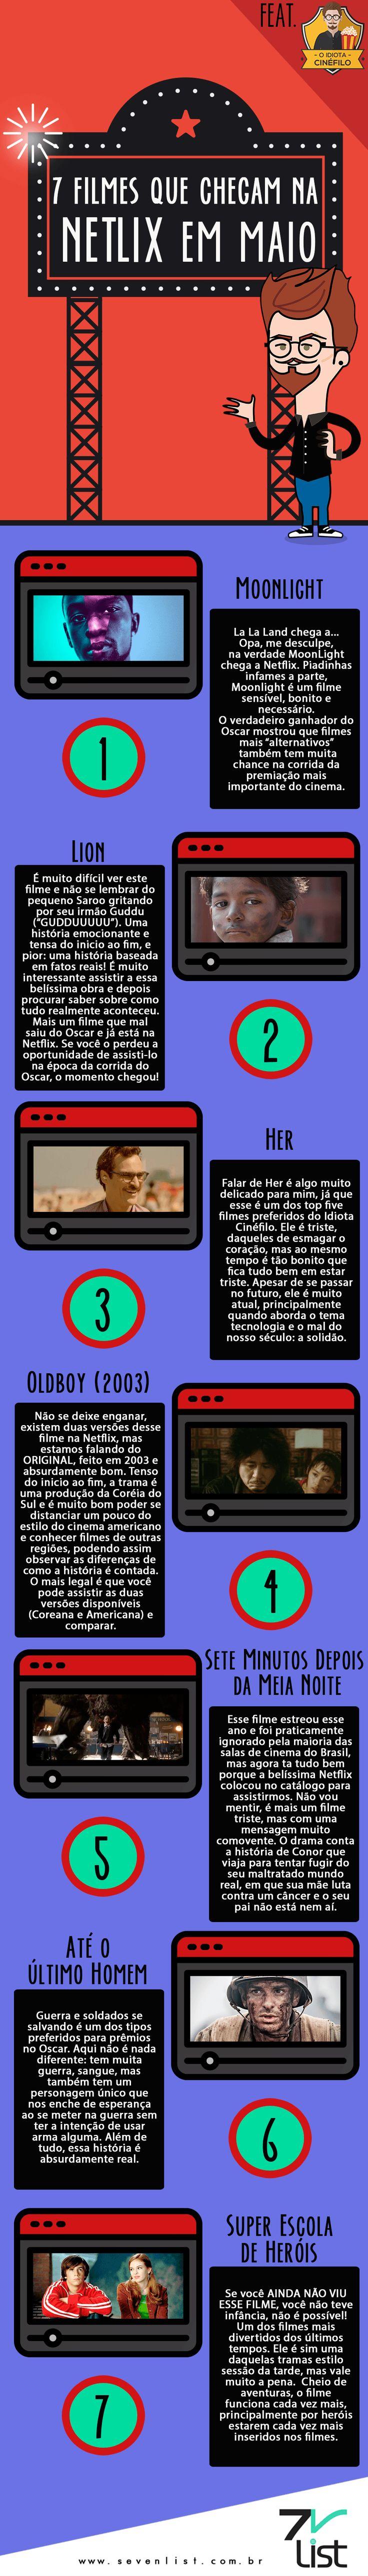 Chegou a hora de comemorar, veja a lista que @oidiotacinefilo preparou com 7 filmes que chegam em maio na Netflix. #Sevenlist #Maio #Netflix #NovidadesNetflix #Cinema #Cine #Filmes #Movie #Film #Oidiotacinéfilo #Blog #Brazil #Dicas #Cultura #Oscar